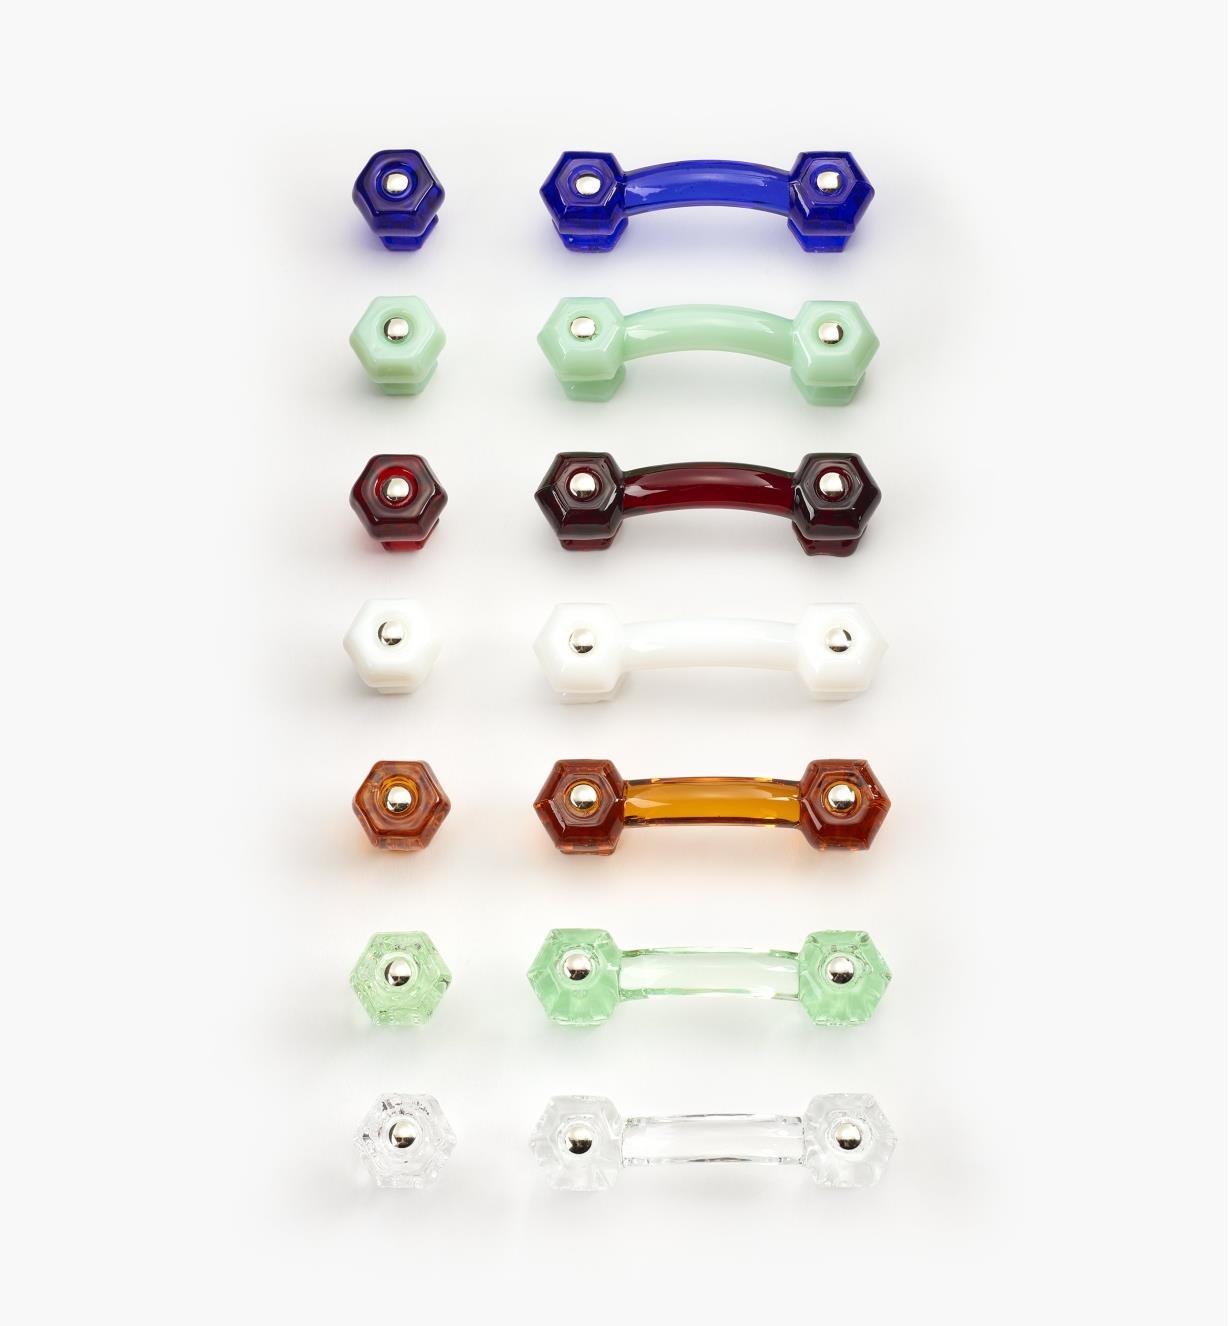 Poignées et boutons hexagonaux en verre